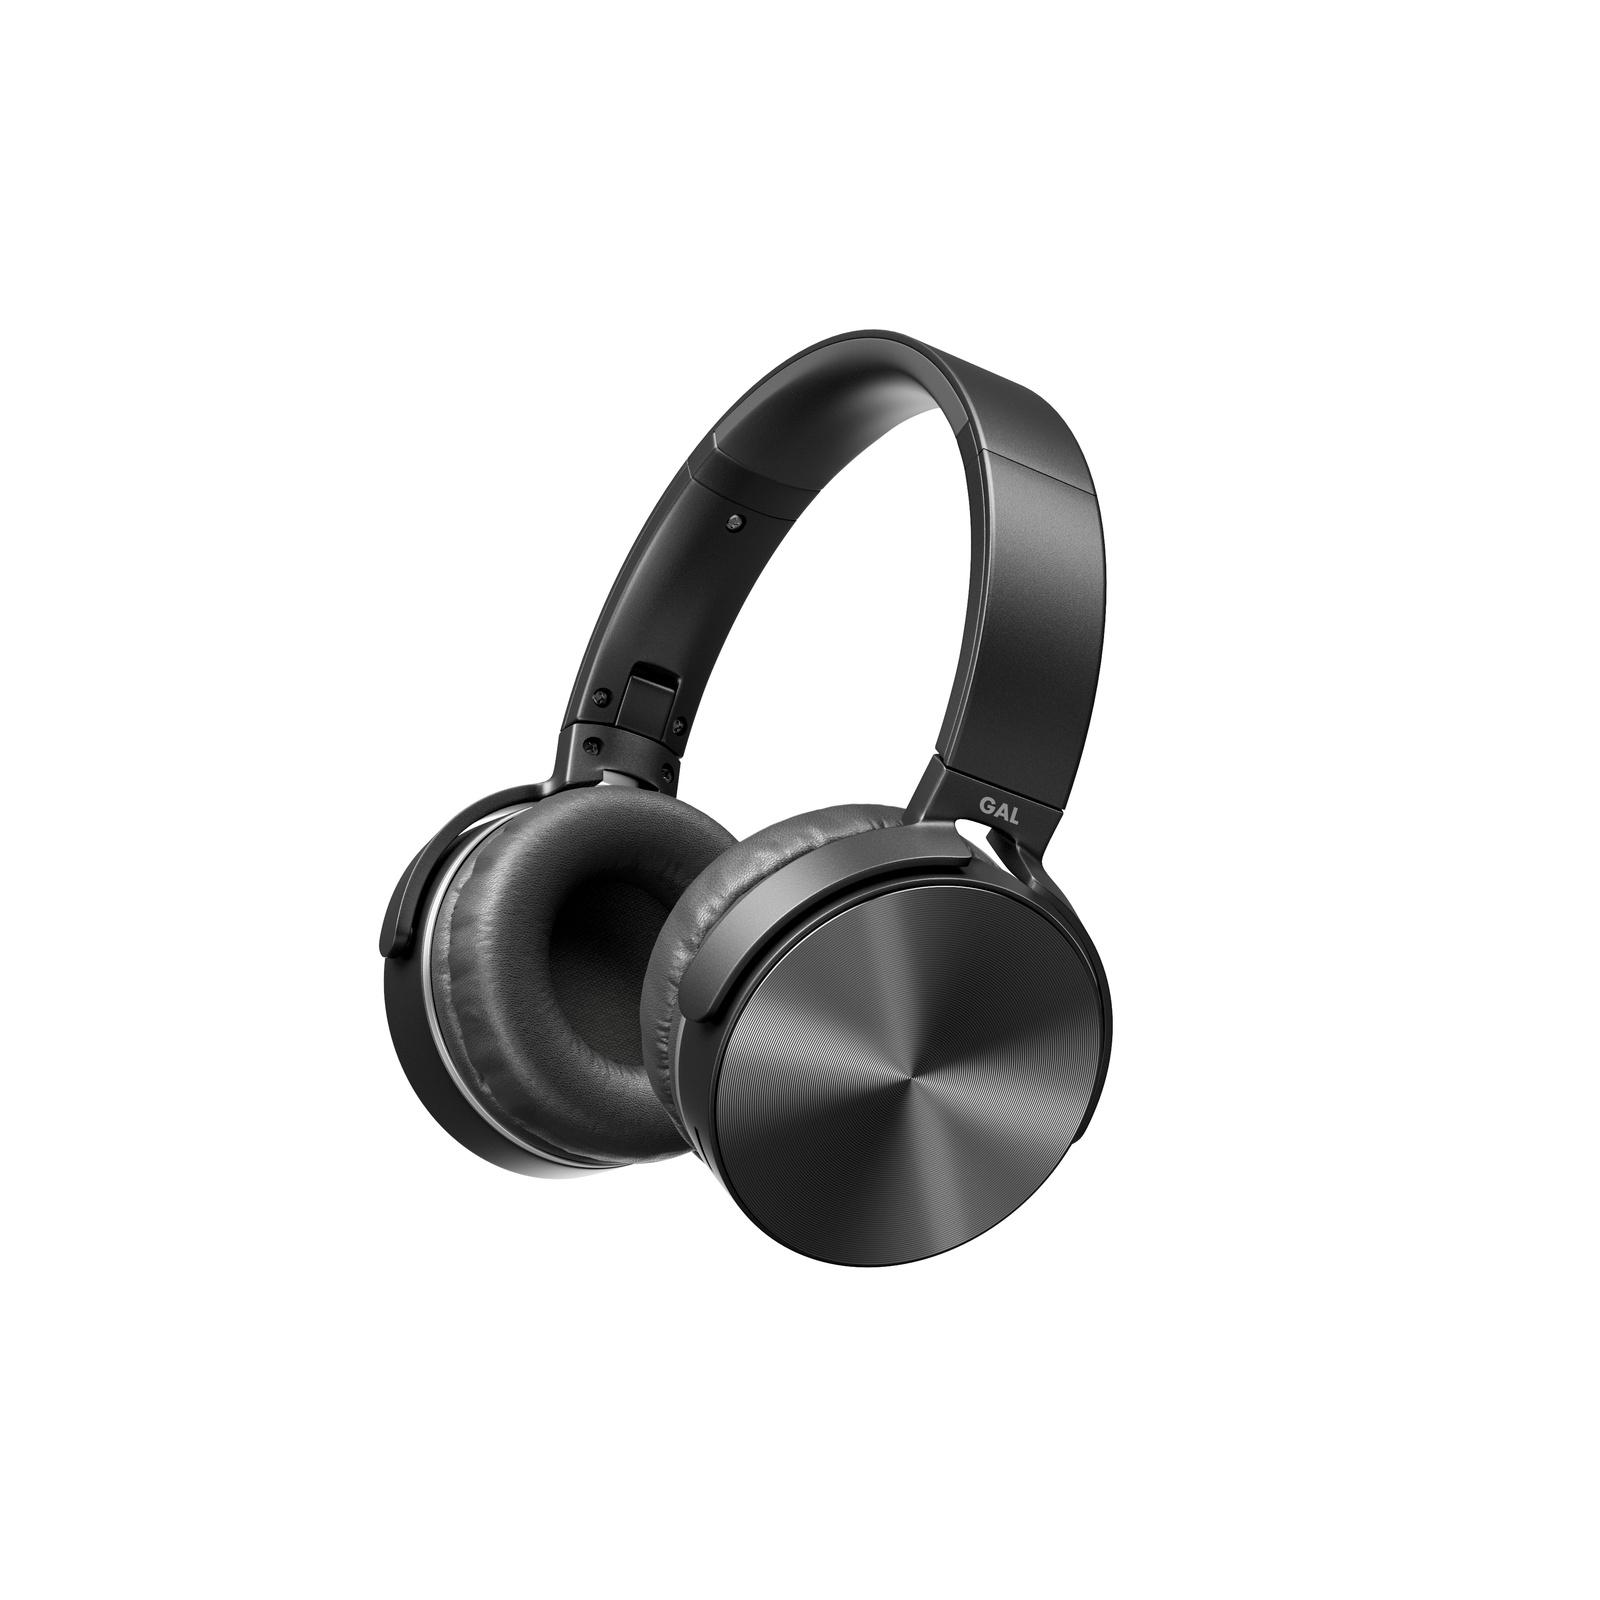 Bluetooth-гарнитура GAL BH-3009черный, черный blue string t2 turbo 2 поколения стерео музыка bluetooth гарнитура универсальная гарнитура белый